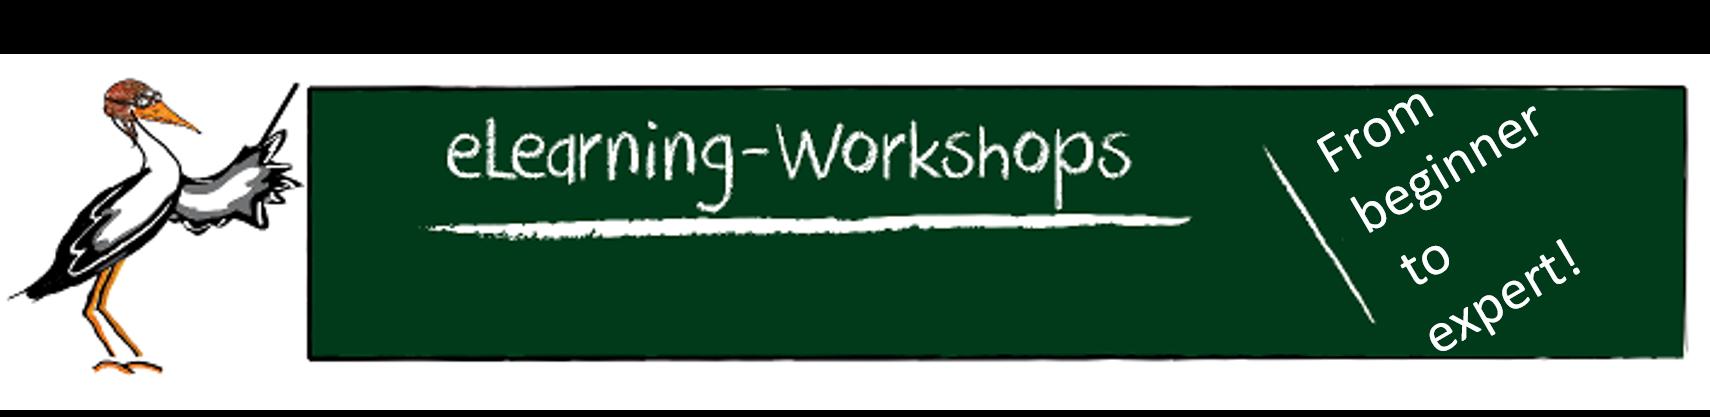 OLAT Workshop Banner englisch